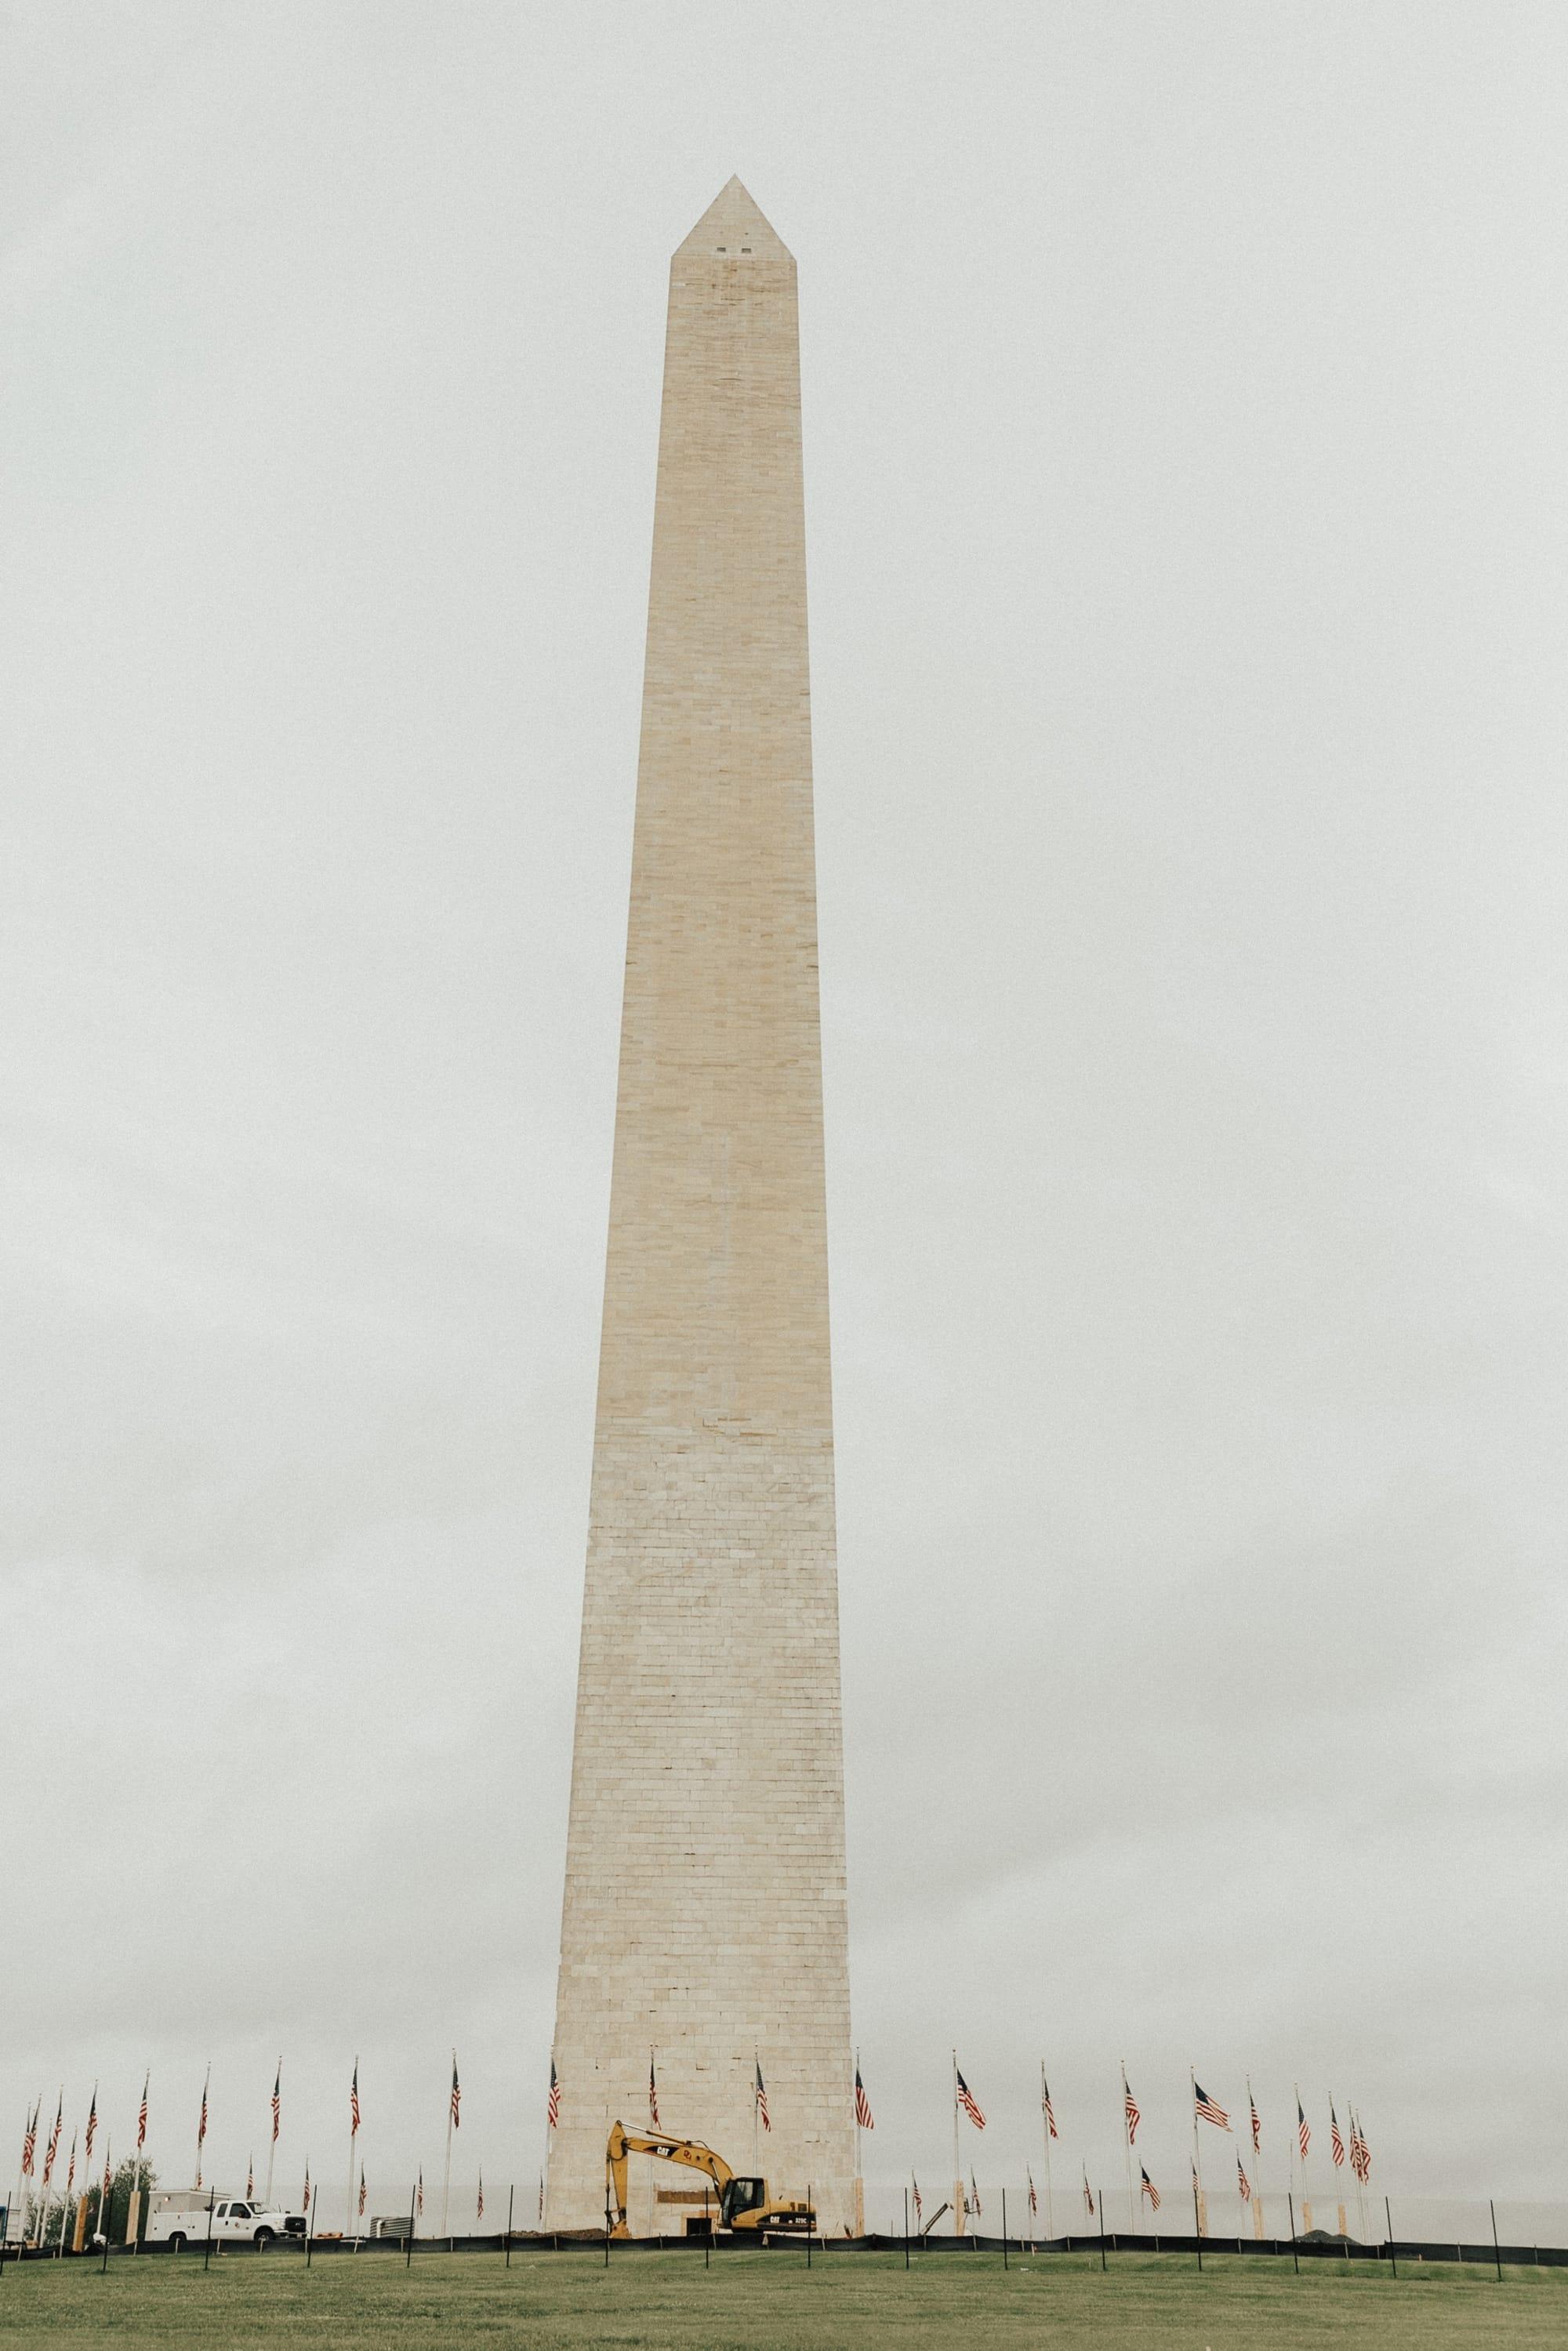 Washington Monument under construction